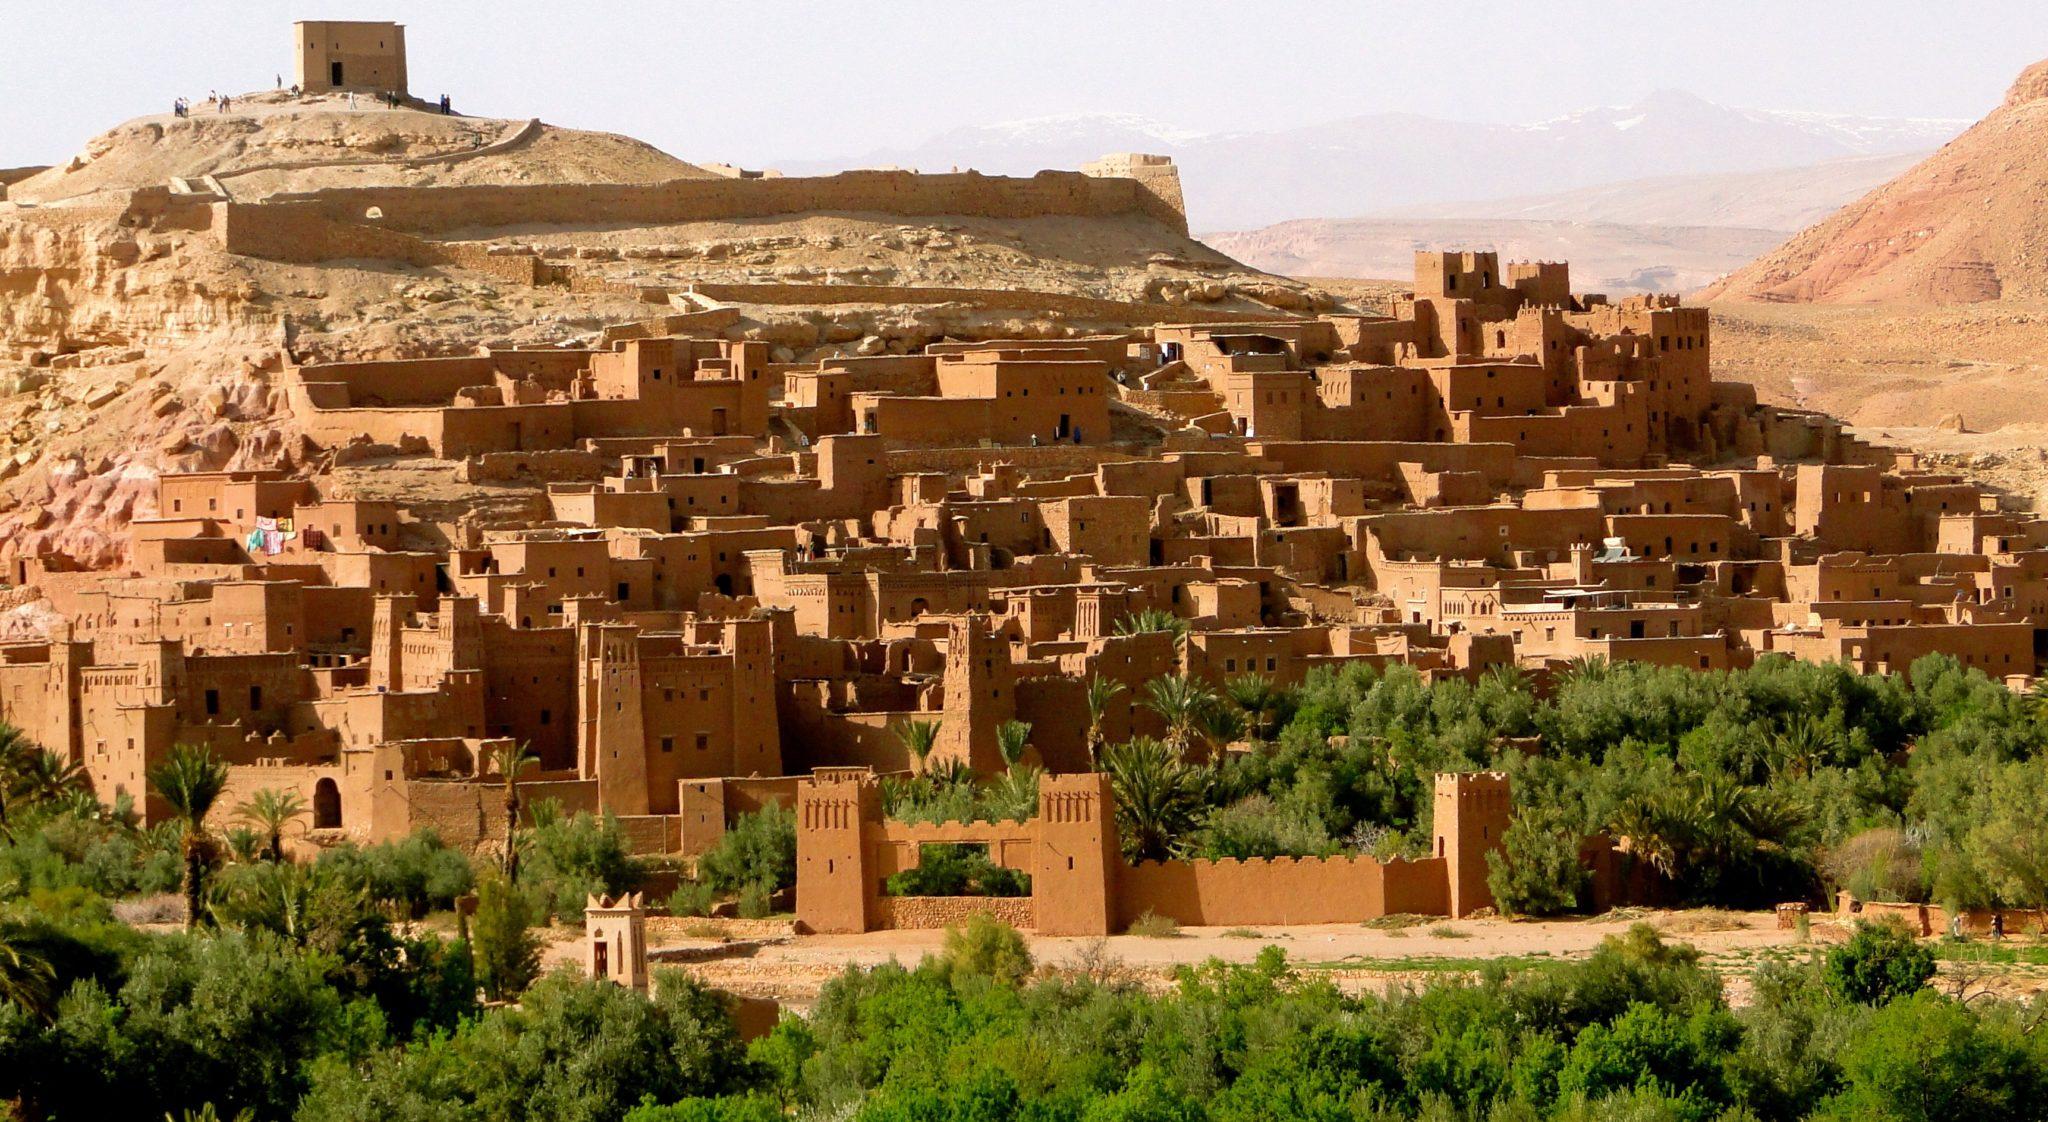 марокко достопримечательности фото и описание